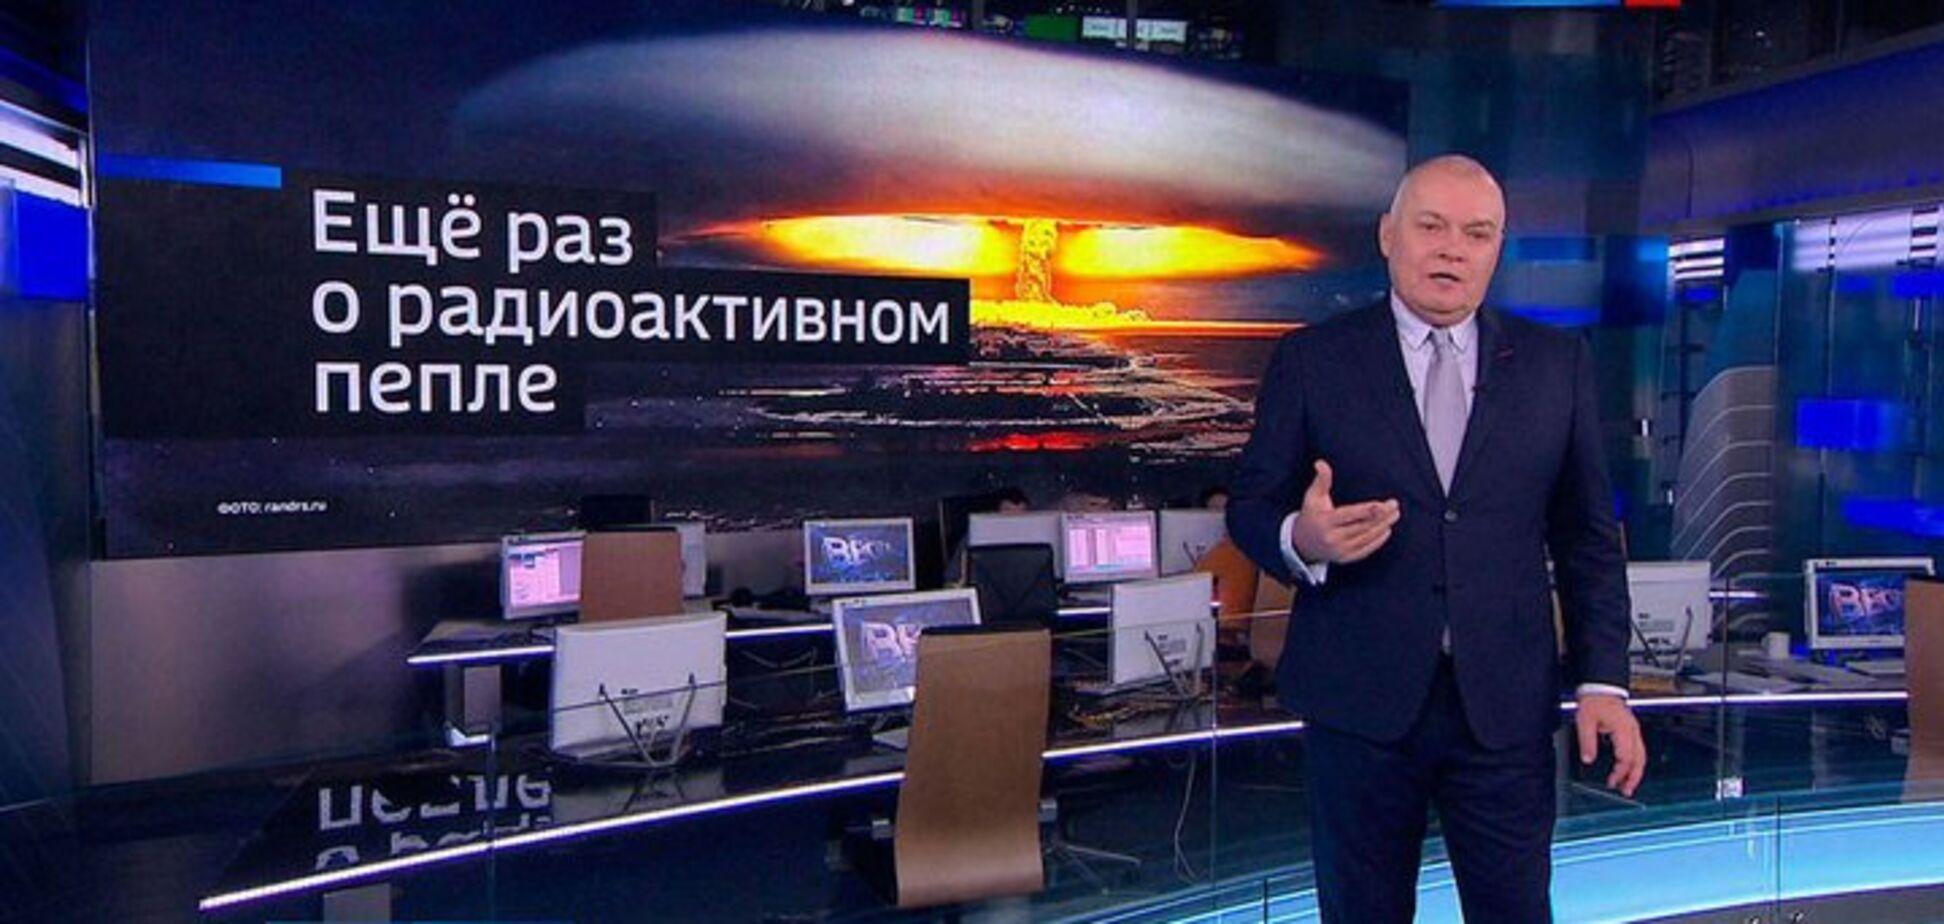 'Лучшие пометчики': топ–пропагандистов Путина  подняли на смех за 'высшие награды'